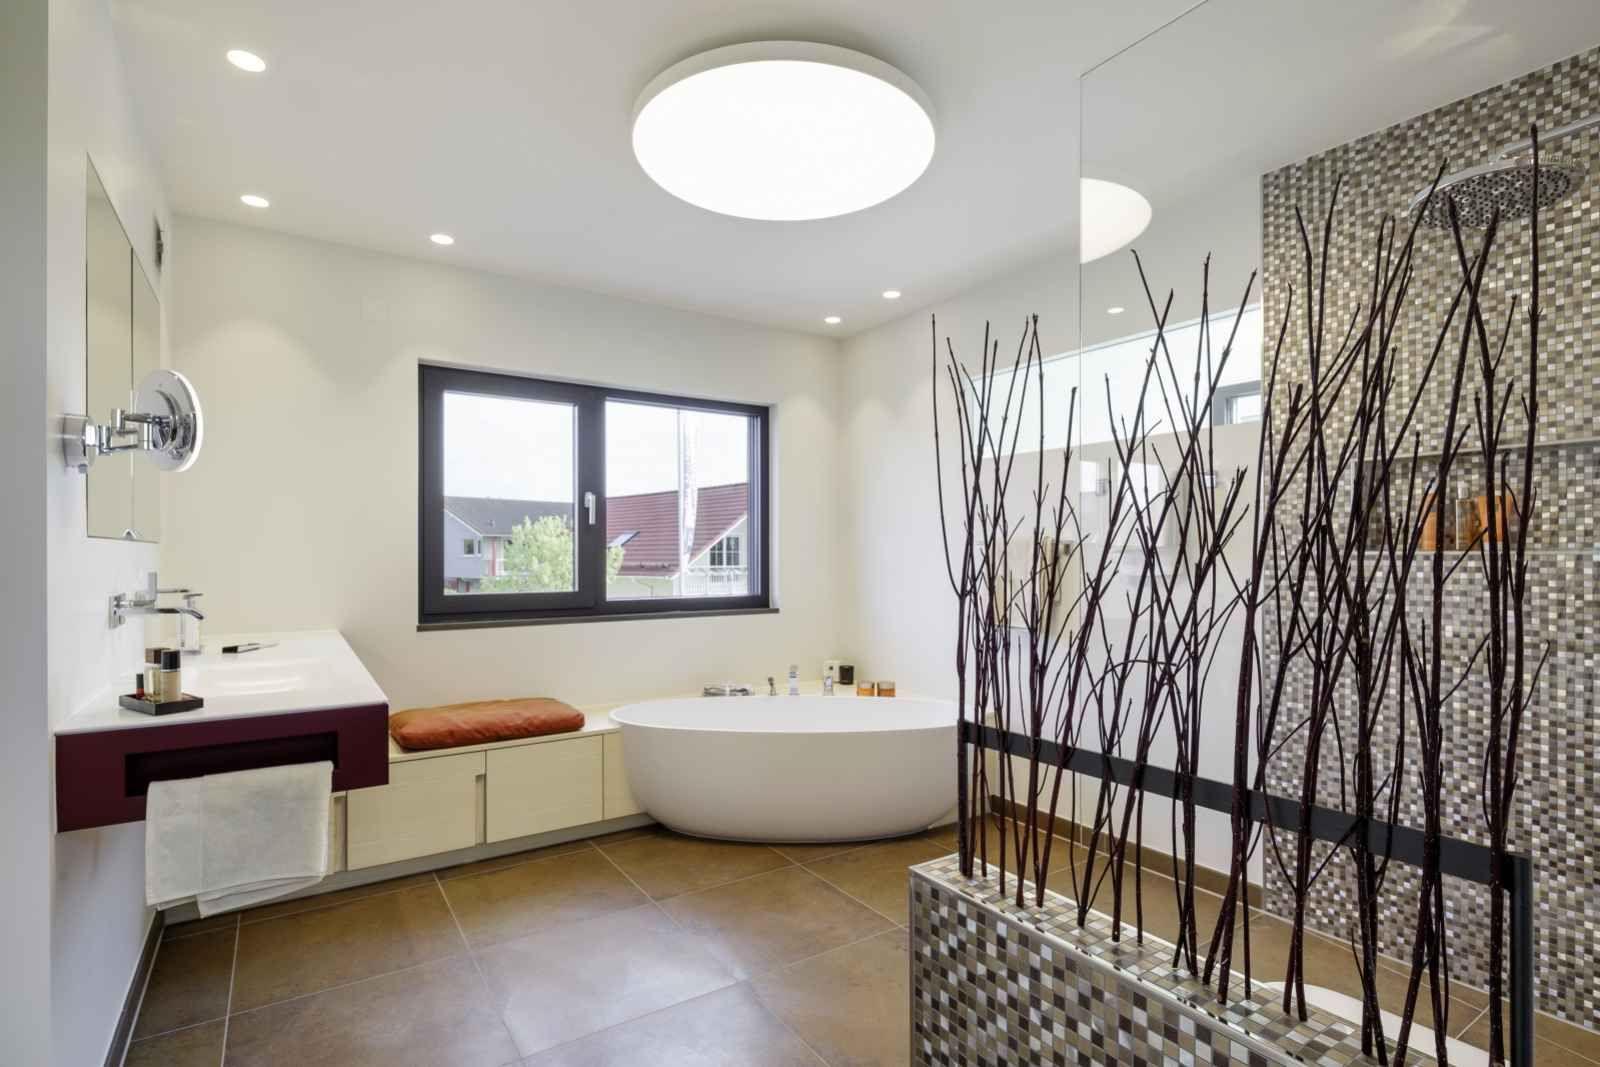 Fertighaus mit lichtdurchflutetem badezimmer luxhaus for Badezimmer ideen altholz